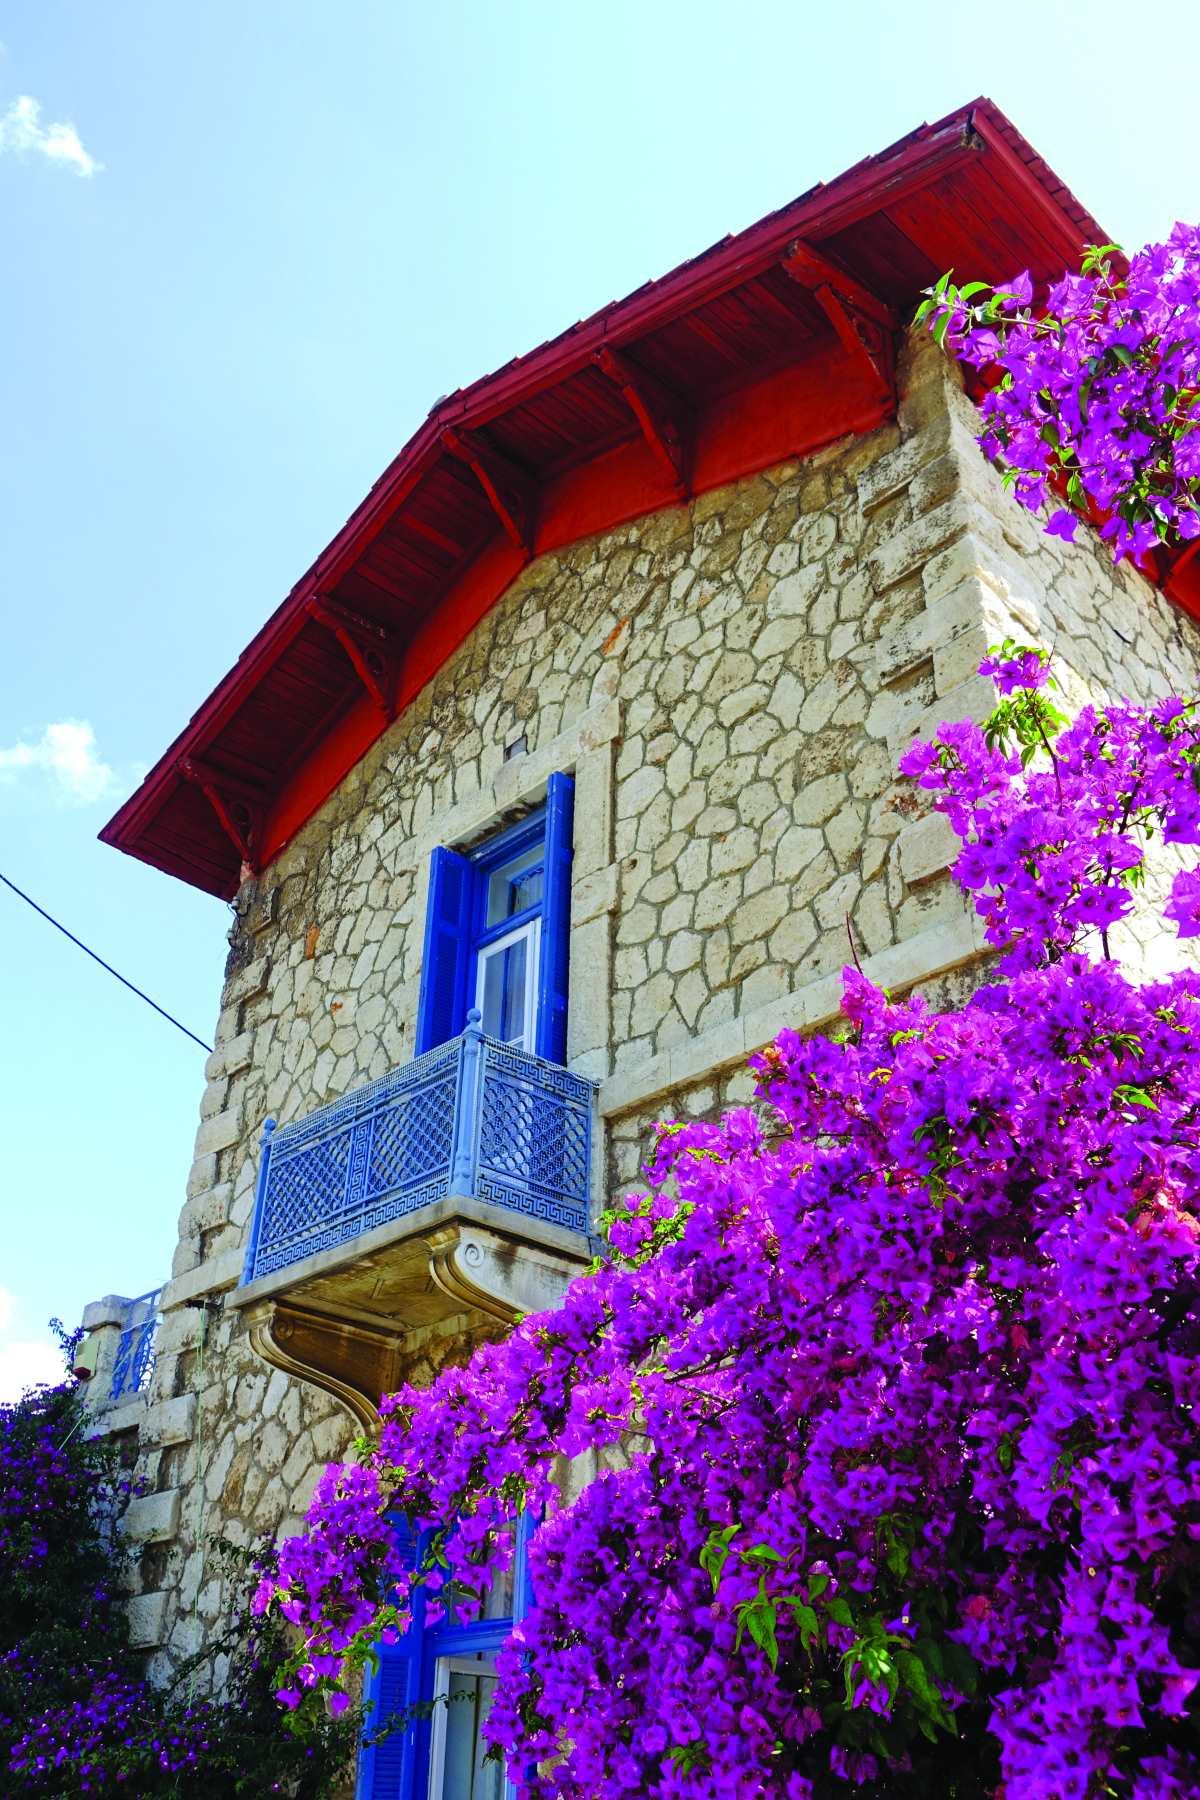 Ο Πειραιάς φημίζεται για την υπέροχη αρχιτεκτονική των κτηρίων του